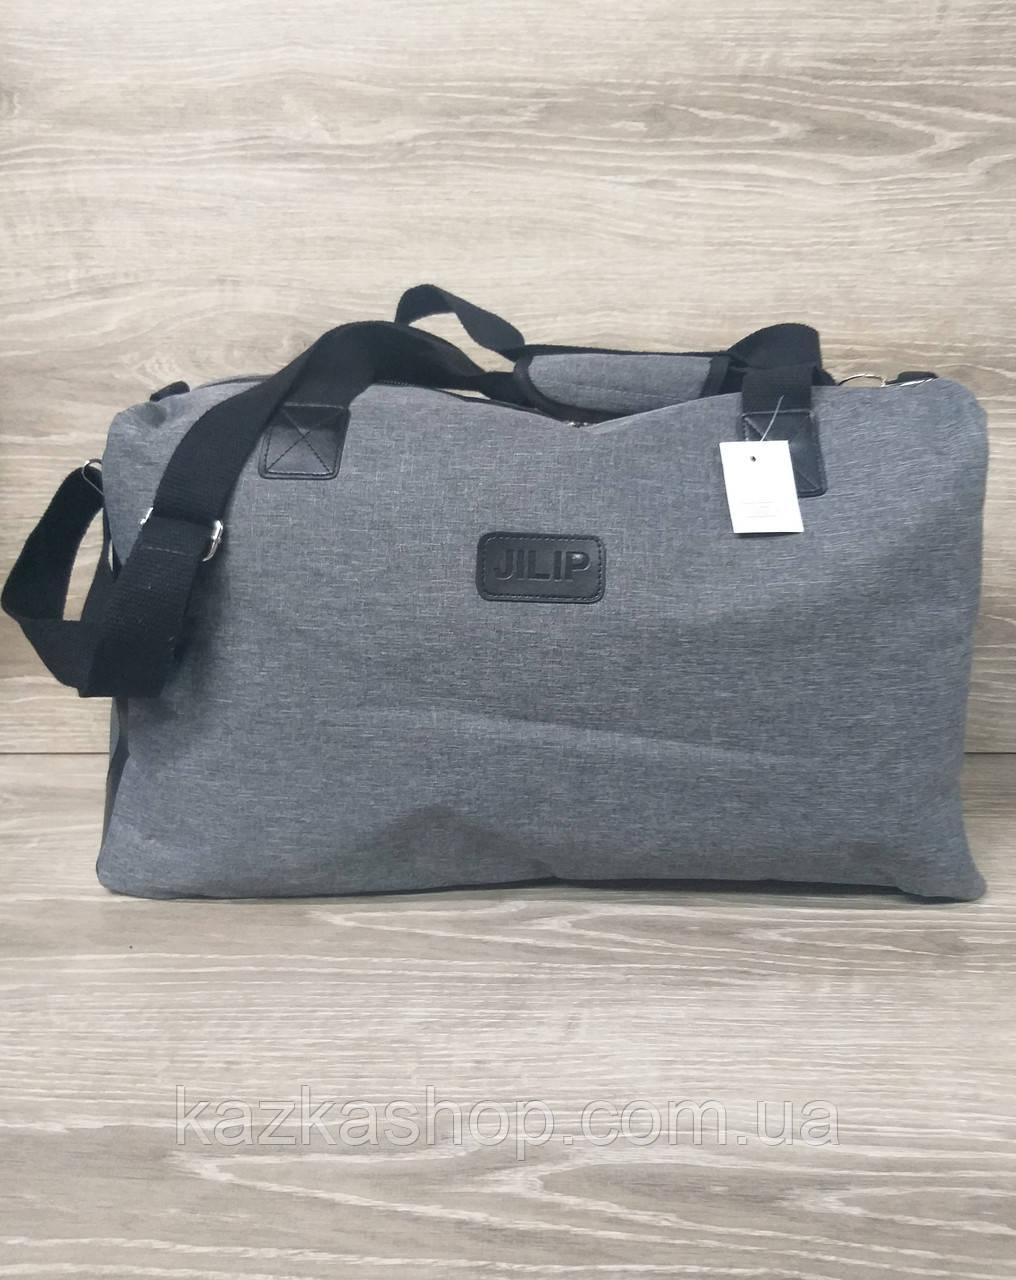 Дорожная / спортивная сумка хорошего качества, среднего размера 50х30х20 см, плотный материал